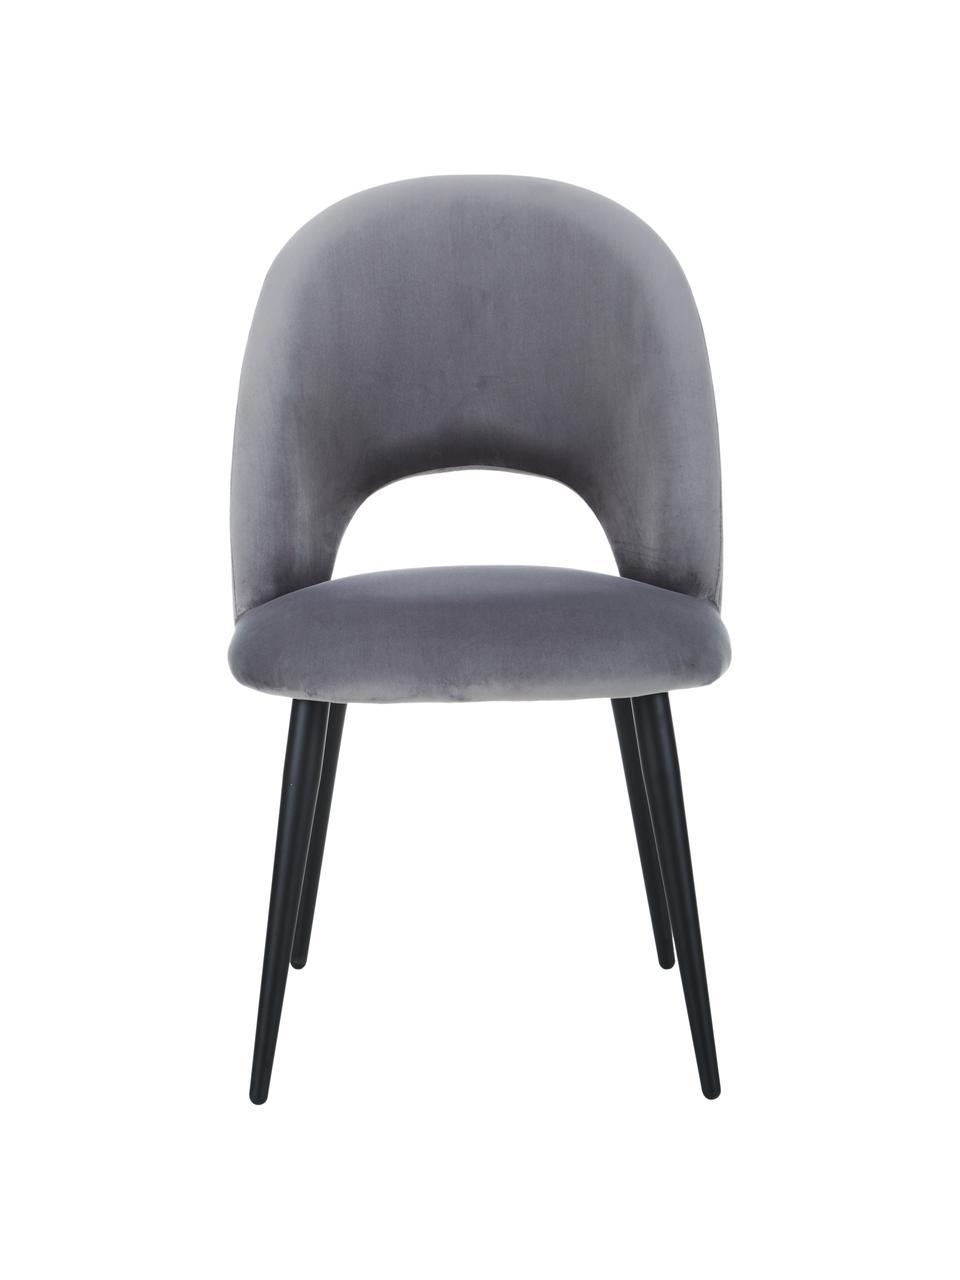 Chaise velours rembourré gris acier Rachel, Velours gris acier